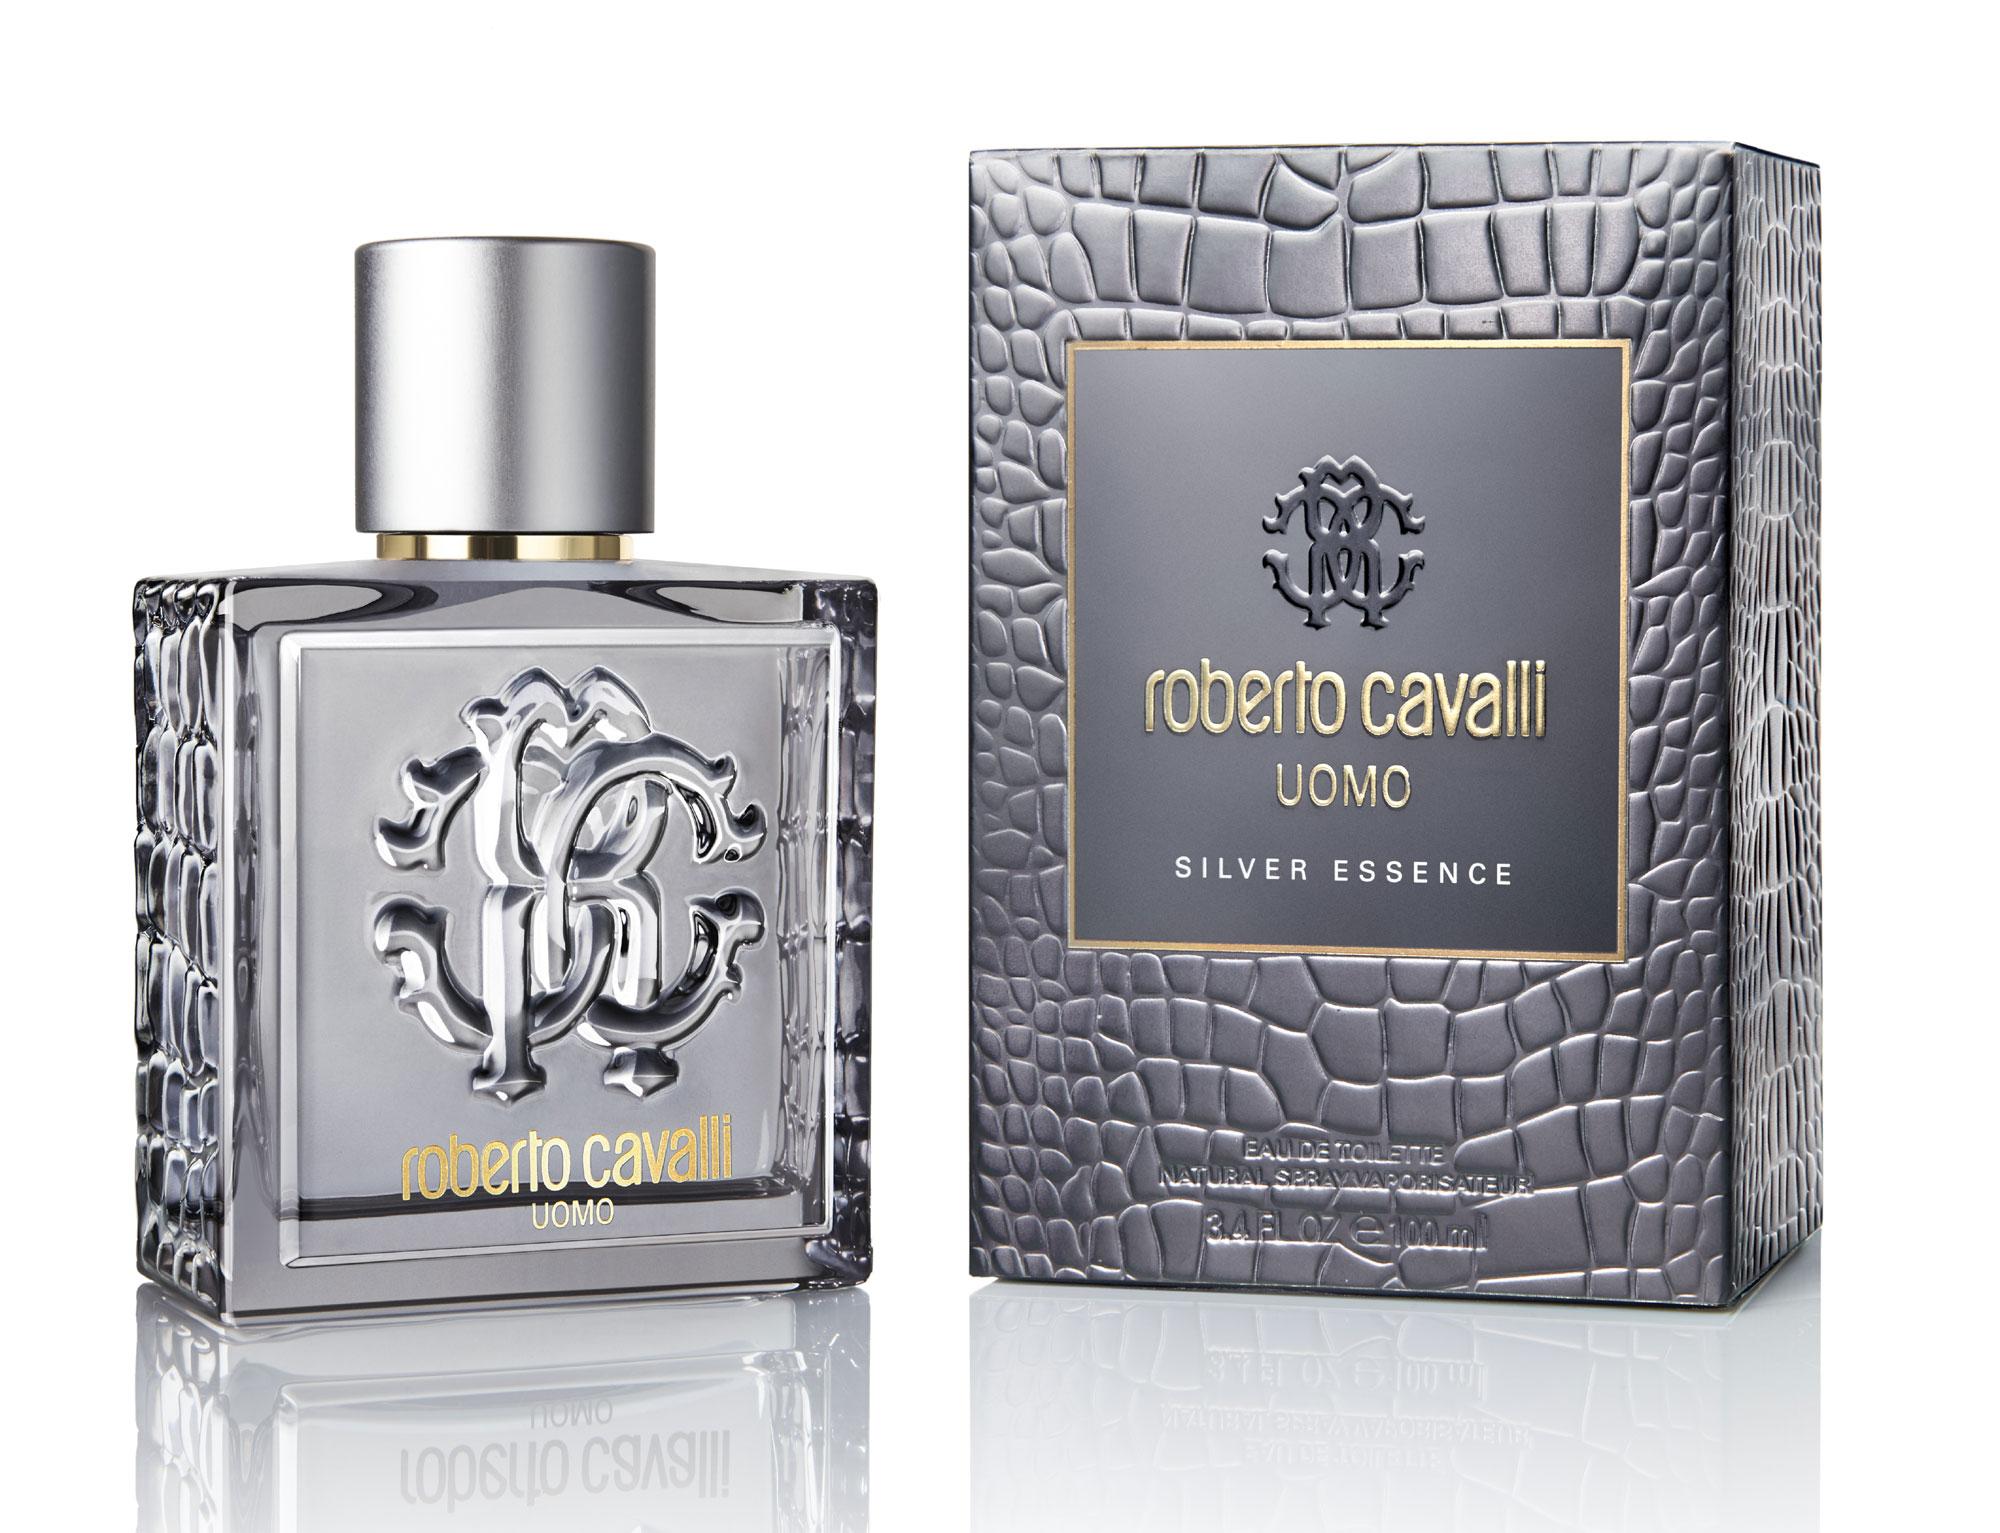 36e621ae8c235 Roberto Cavalli Uomo Silver Essence ~ New Fragrances